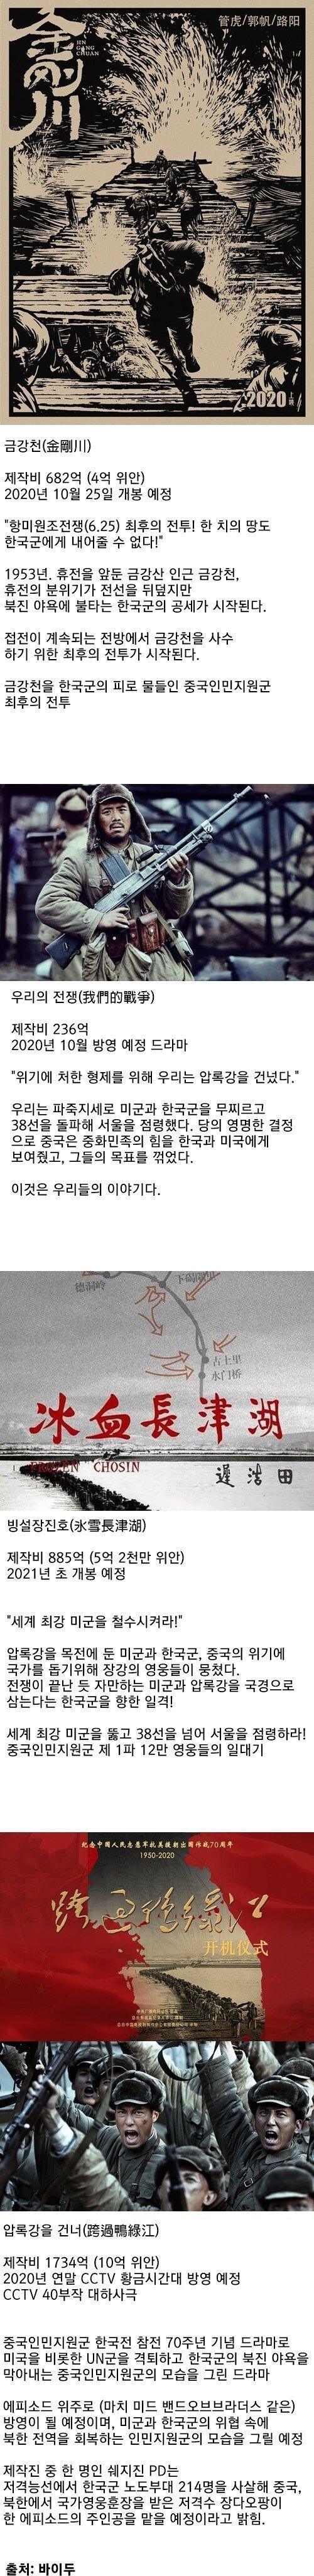 1600106278.jpg 중국이 개봉예정인 한국전쟁 영화들